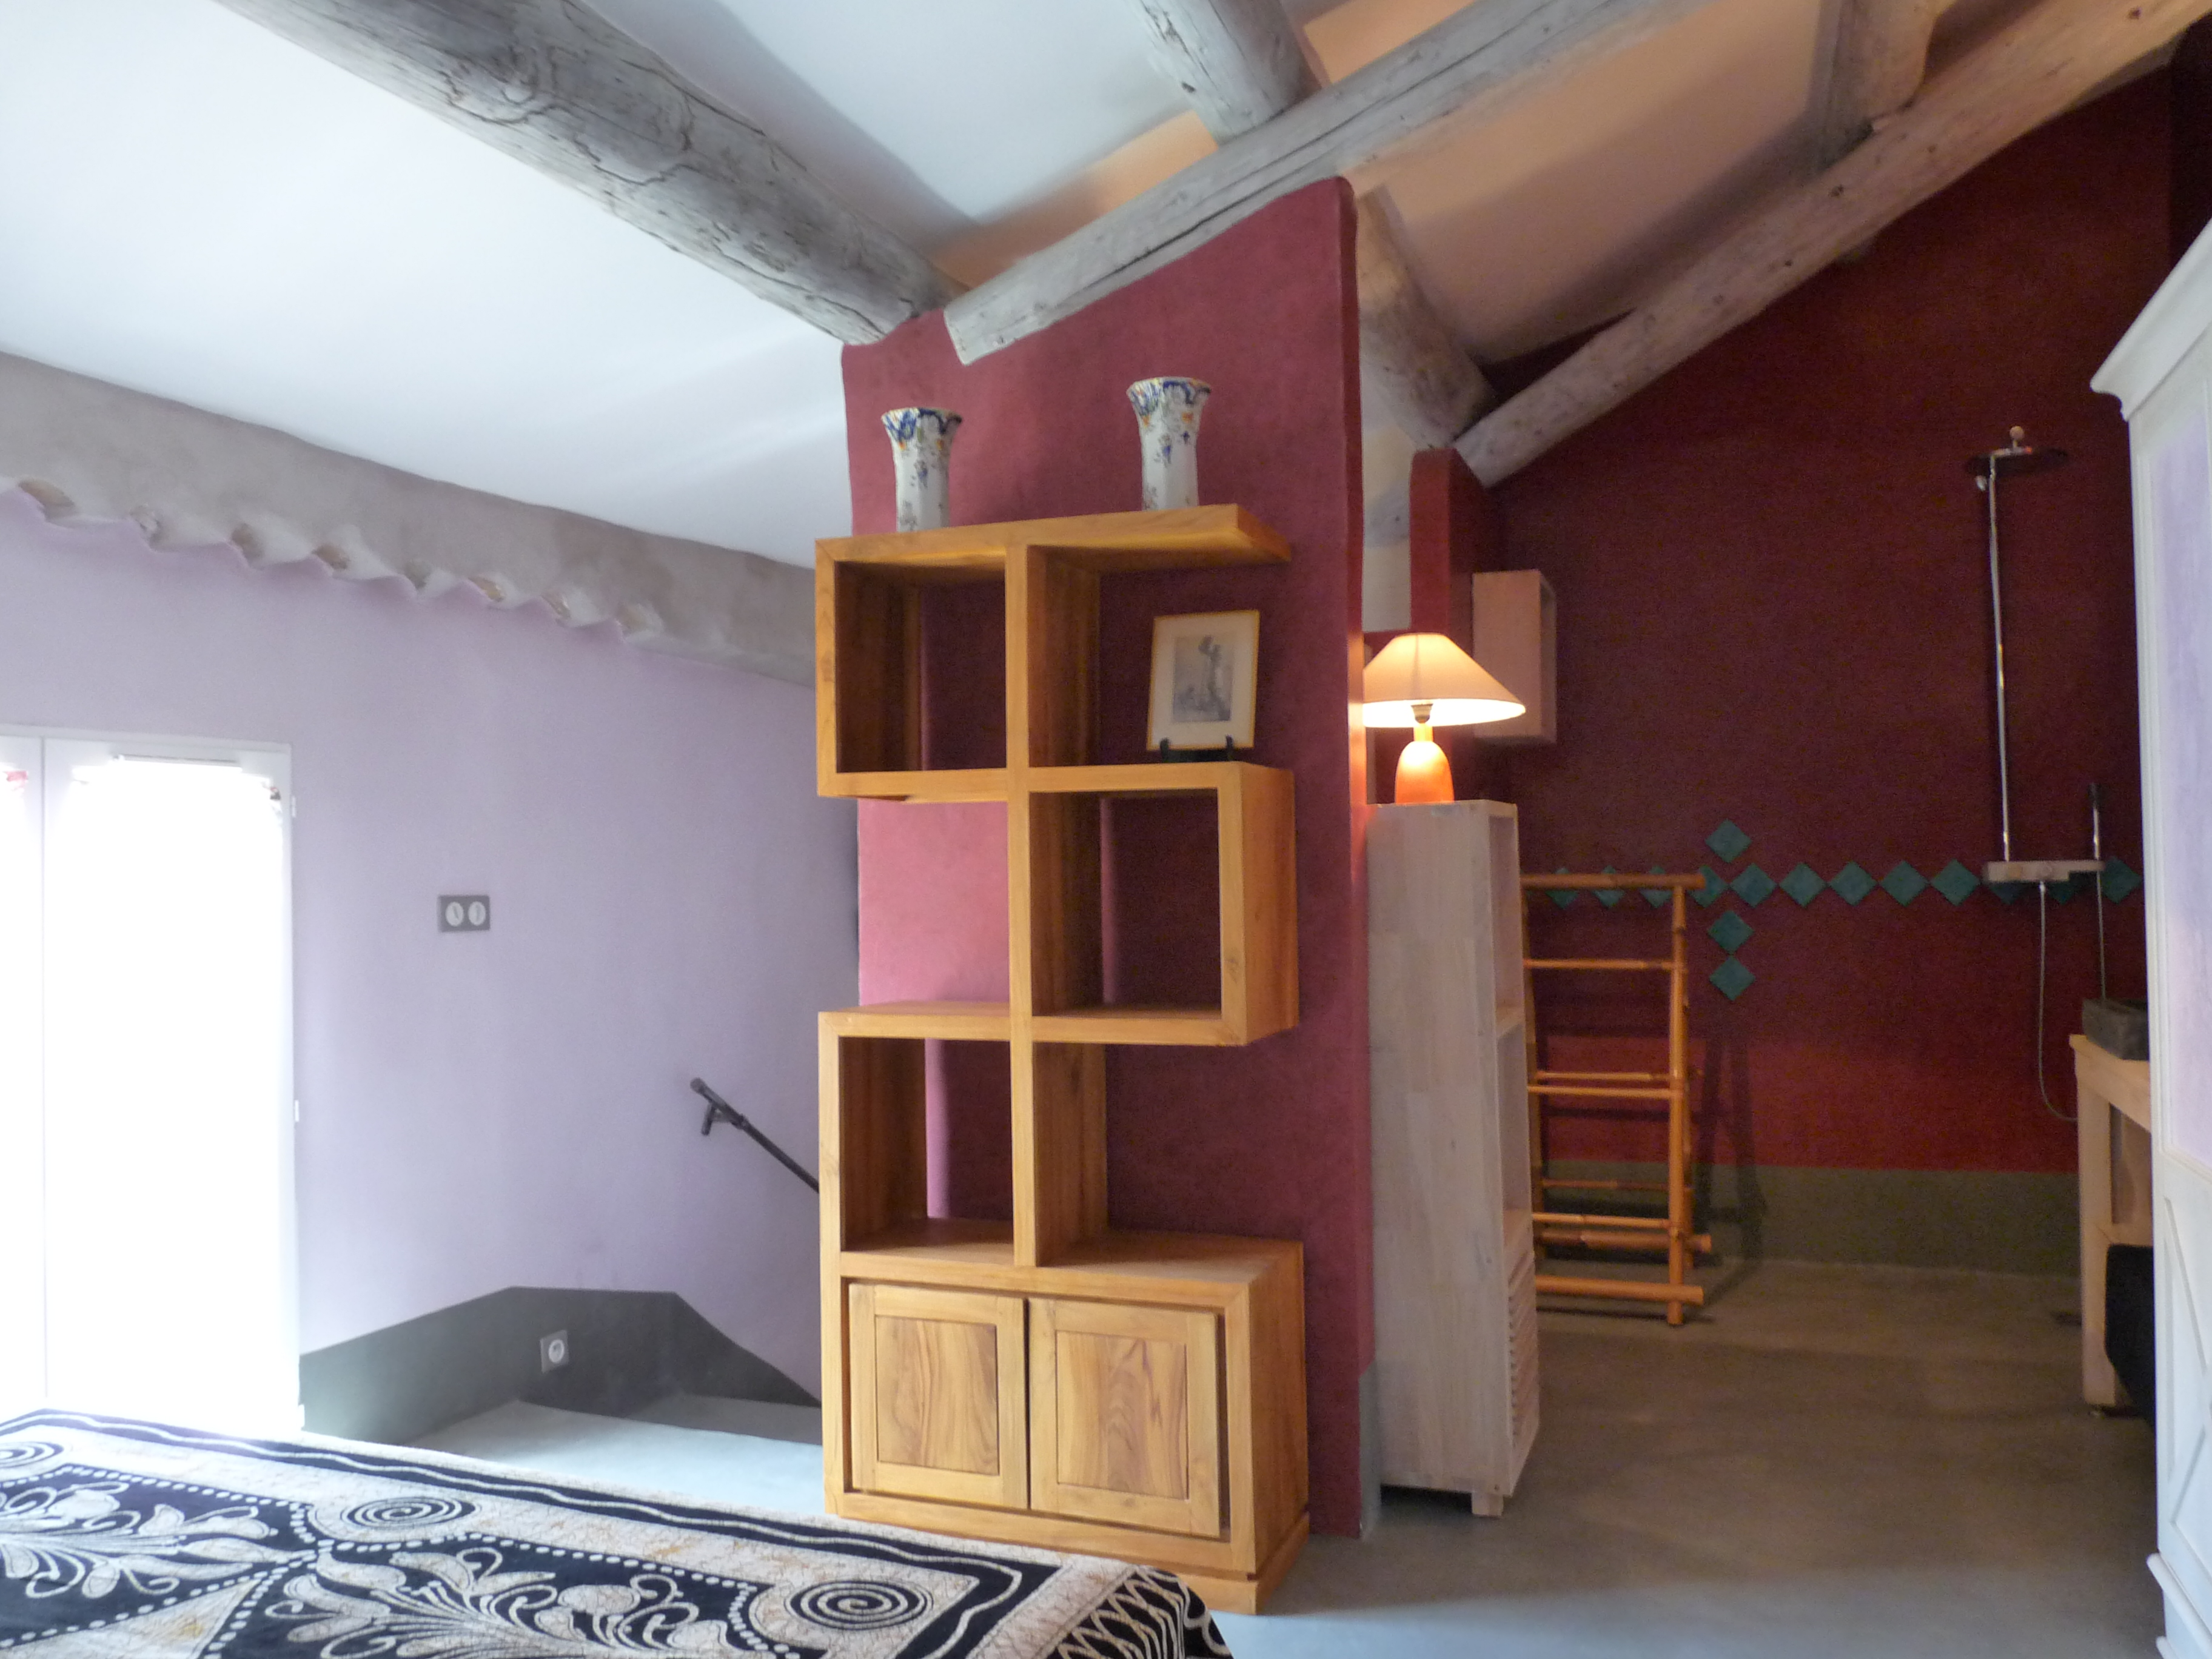 Petite Salle De Bain De Charme ~ r novation enti re d une petite maison de charme n mes 30